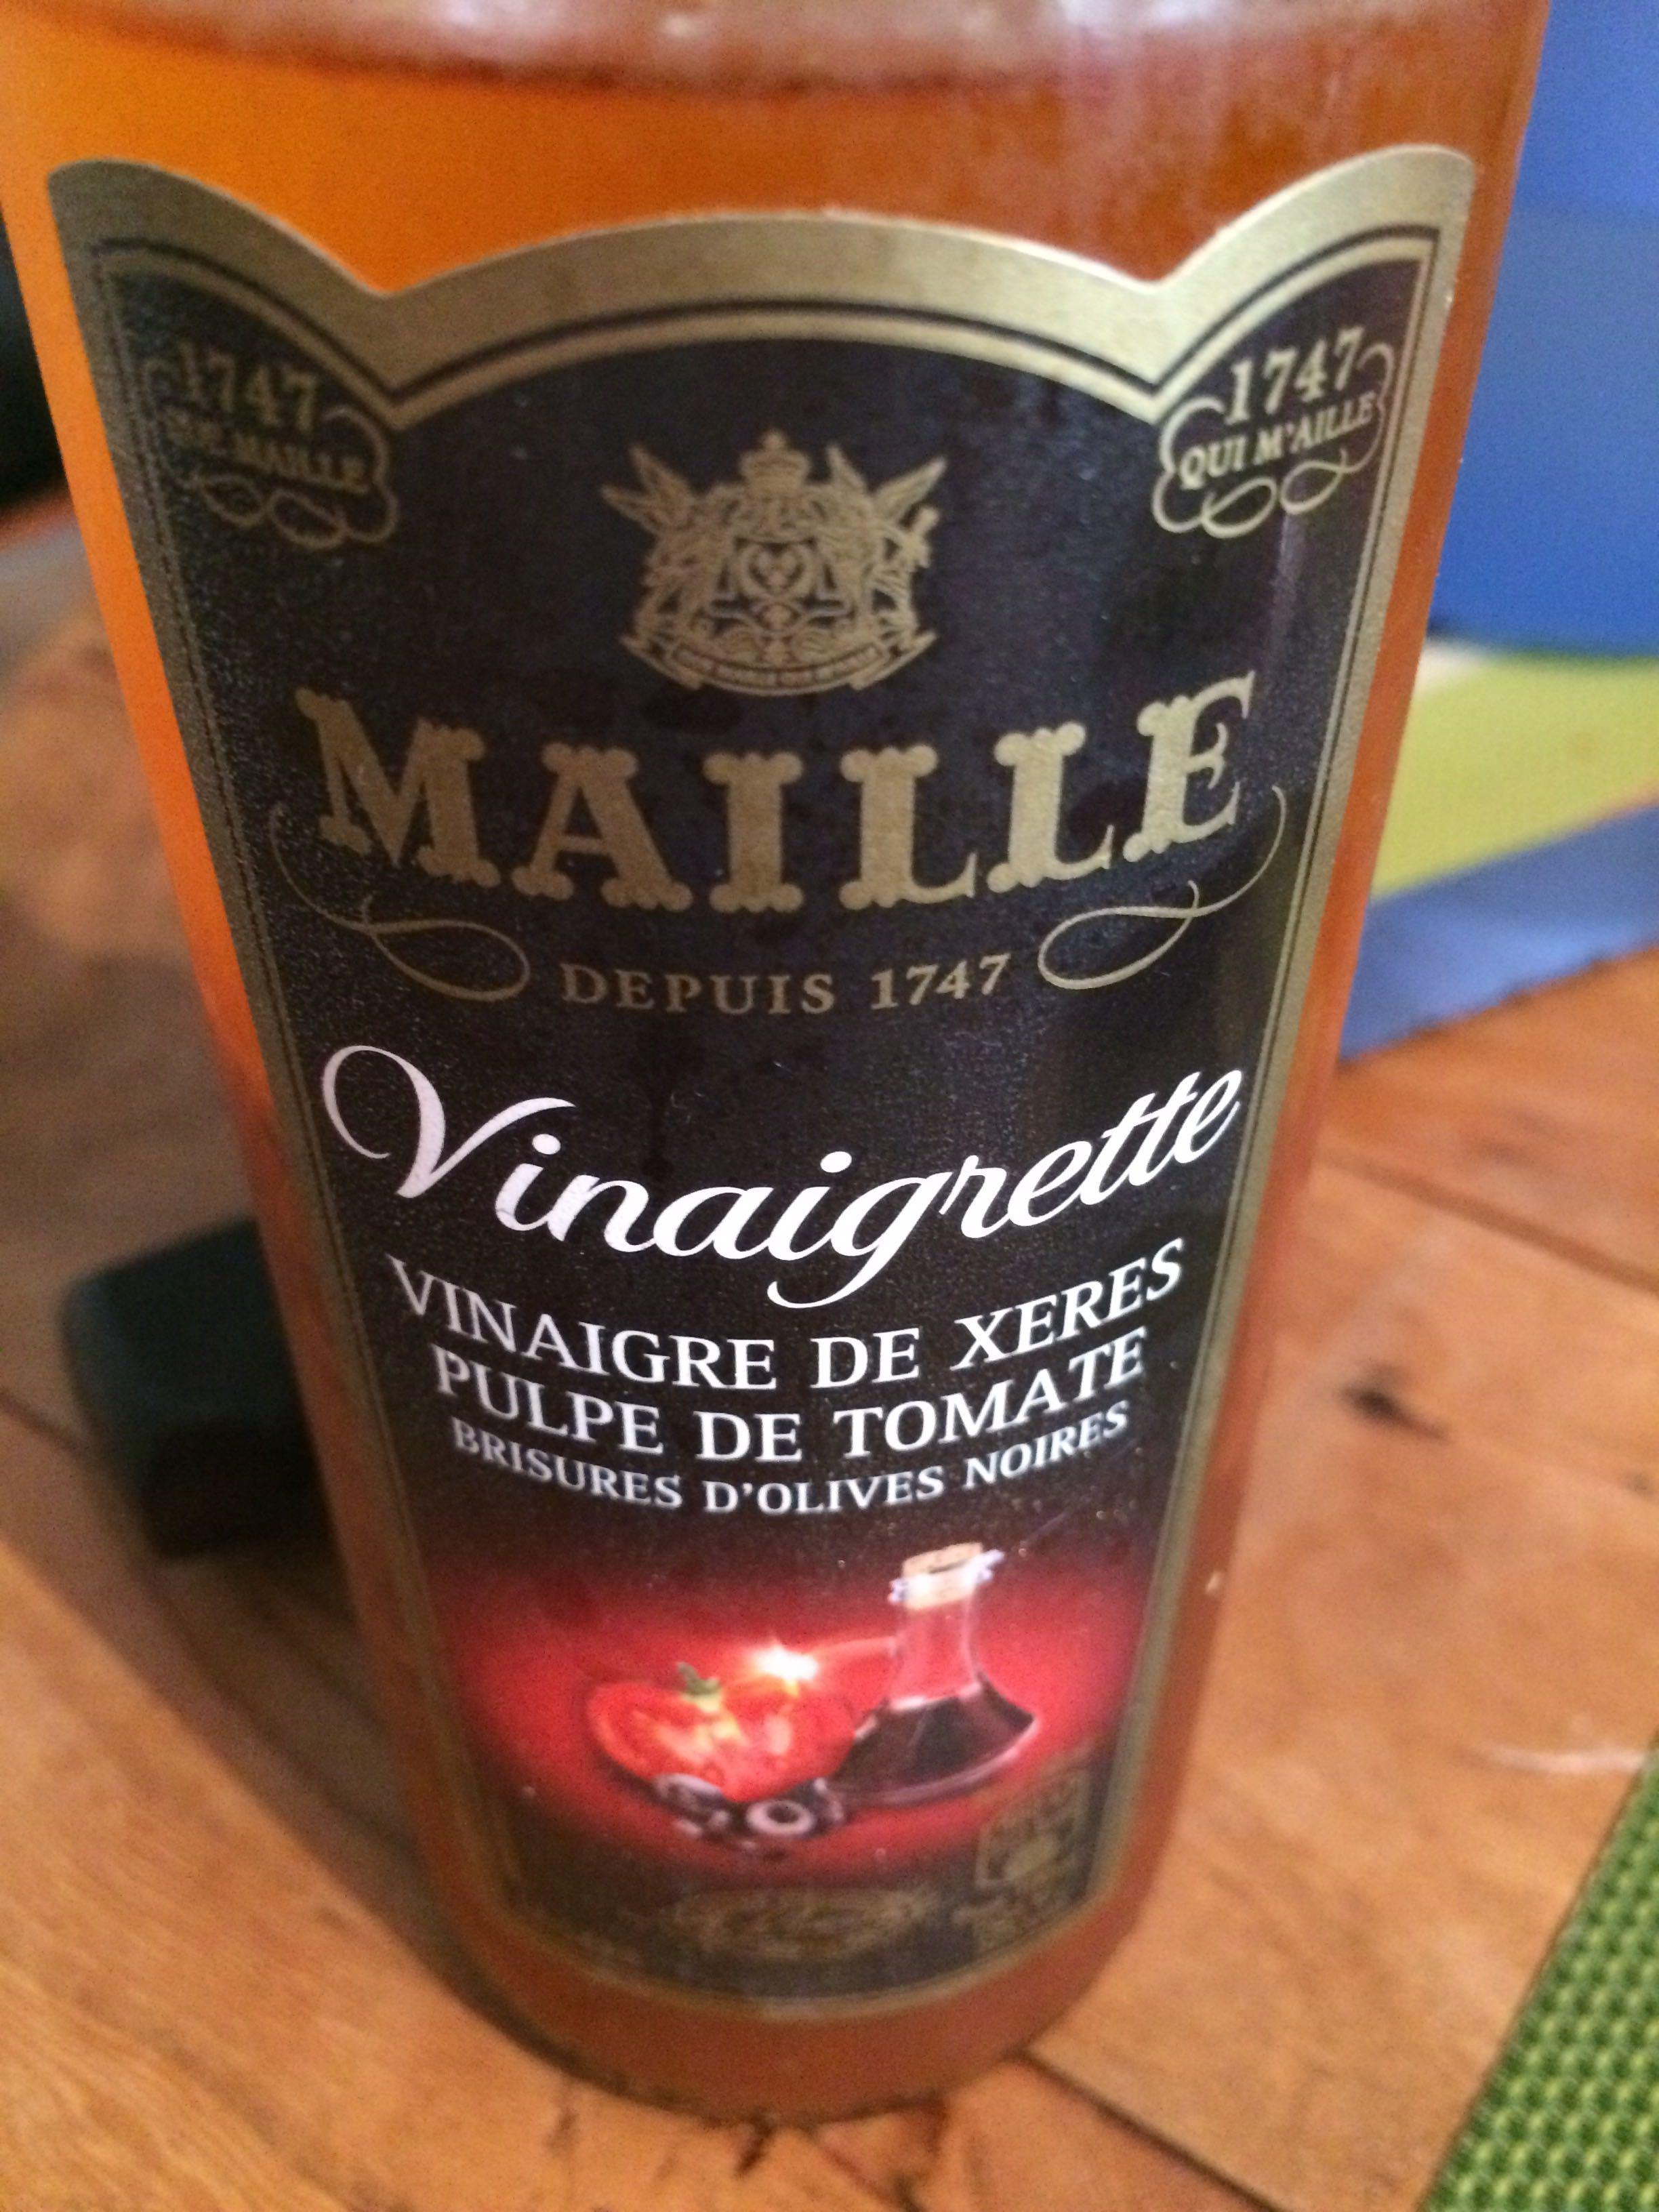 Vinaigrette (vinaigre de xérès pulpe de tomate) - Produit